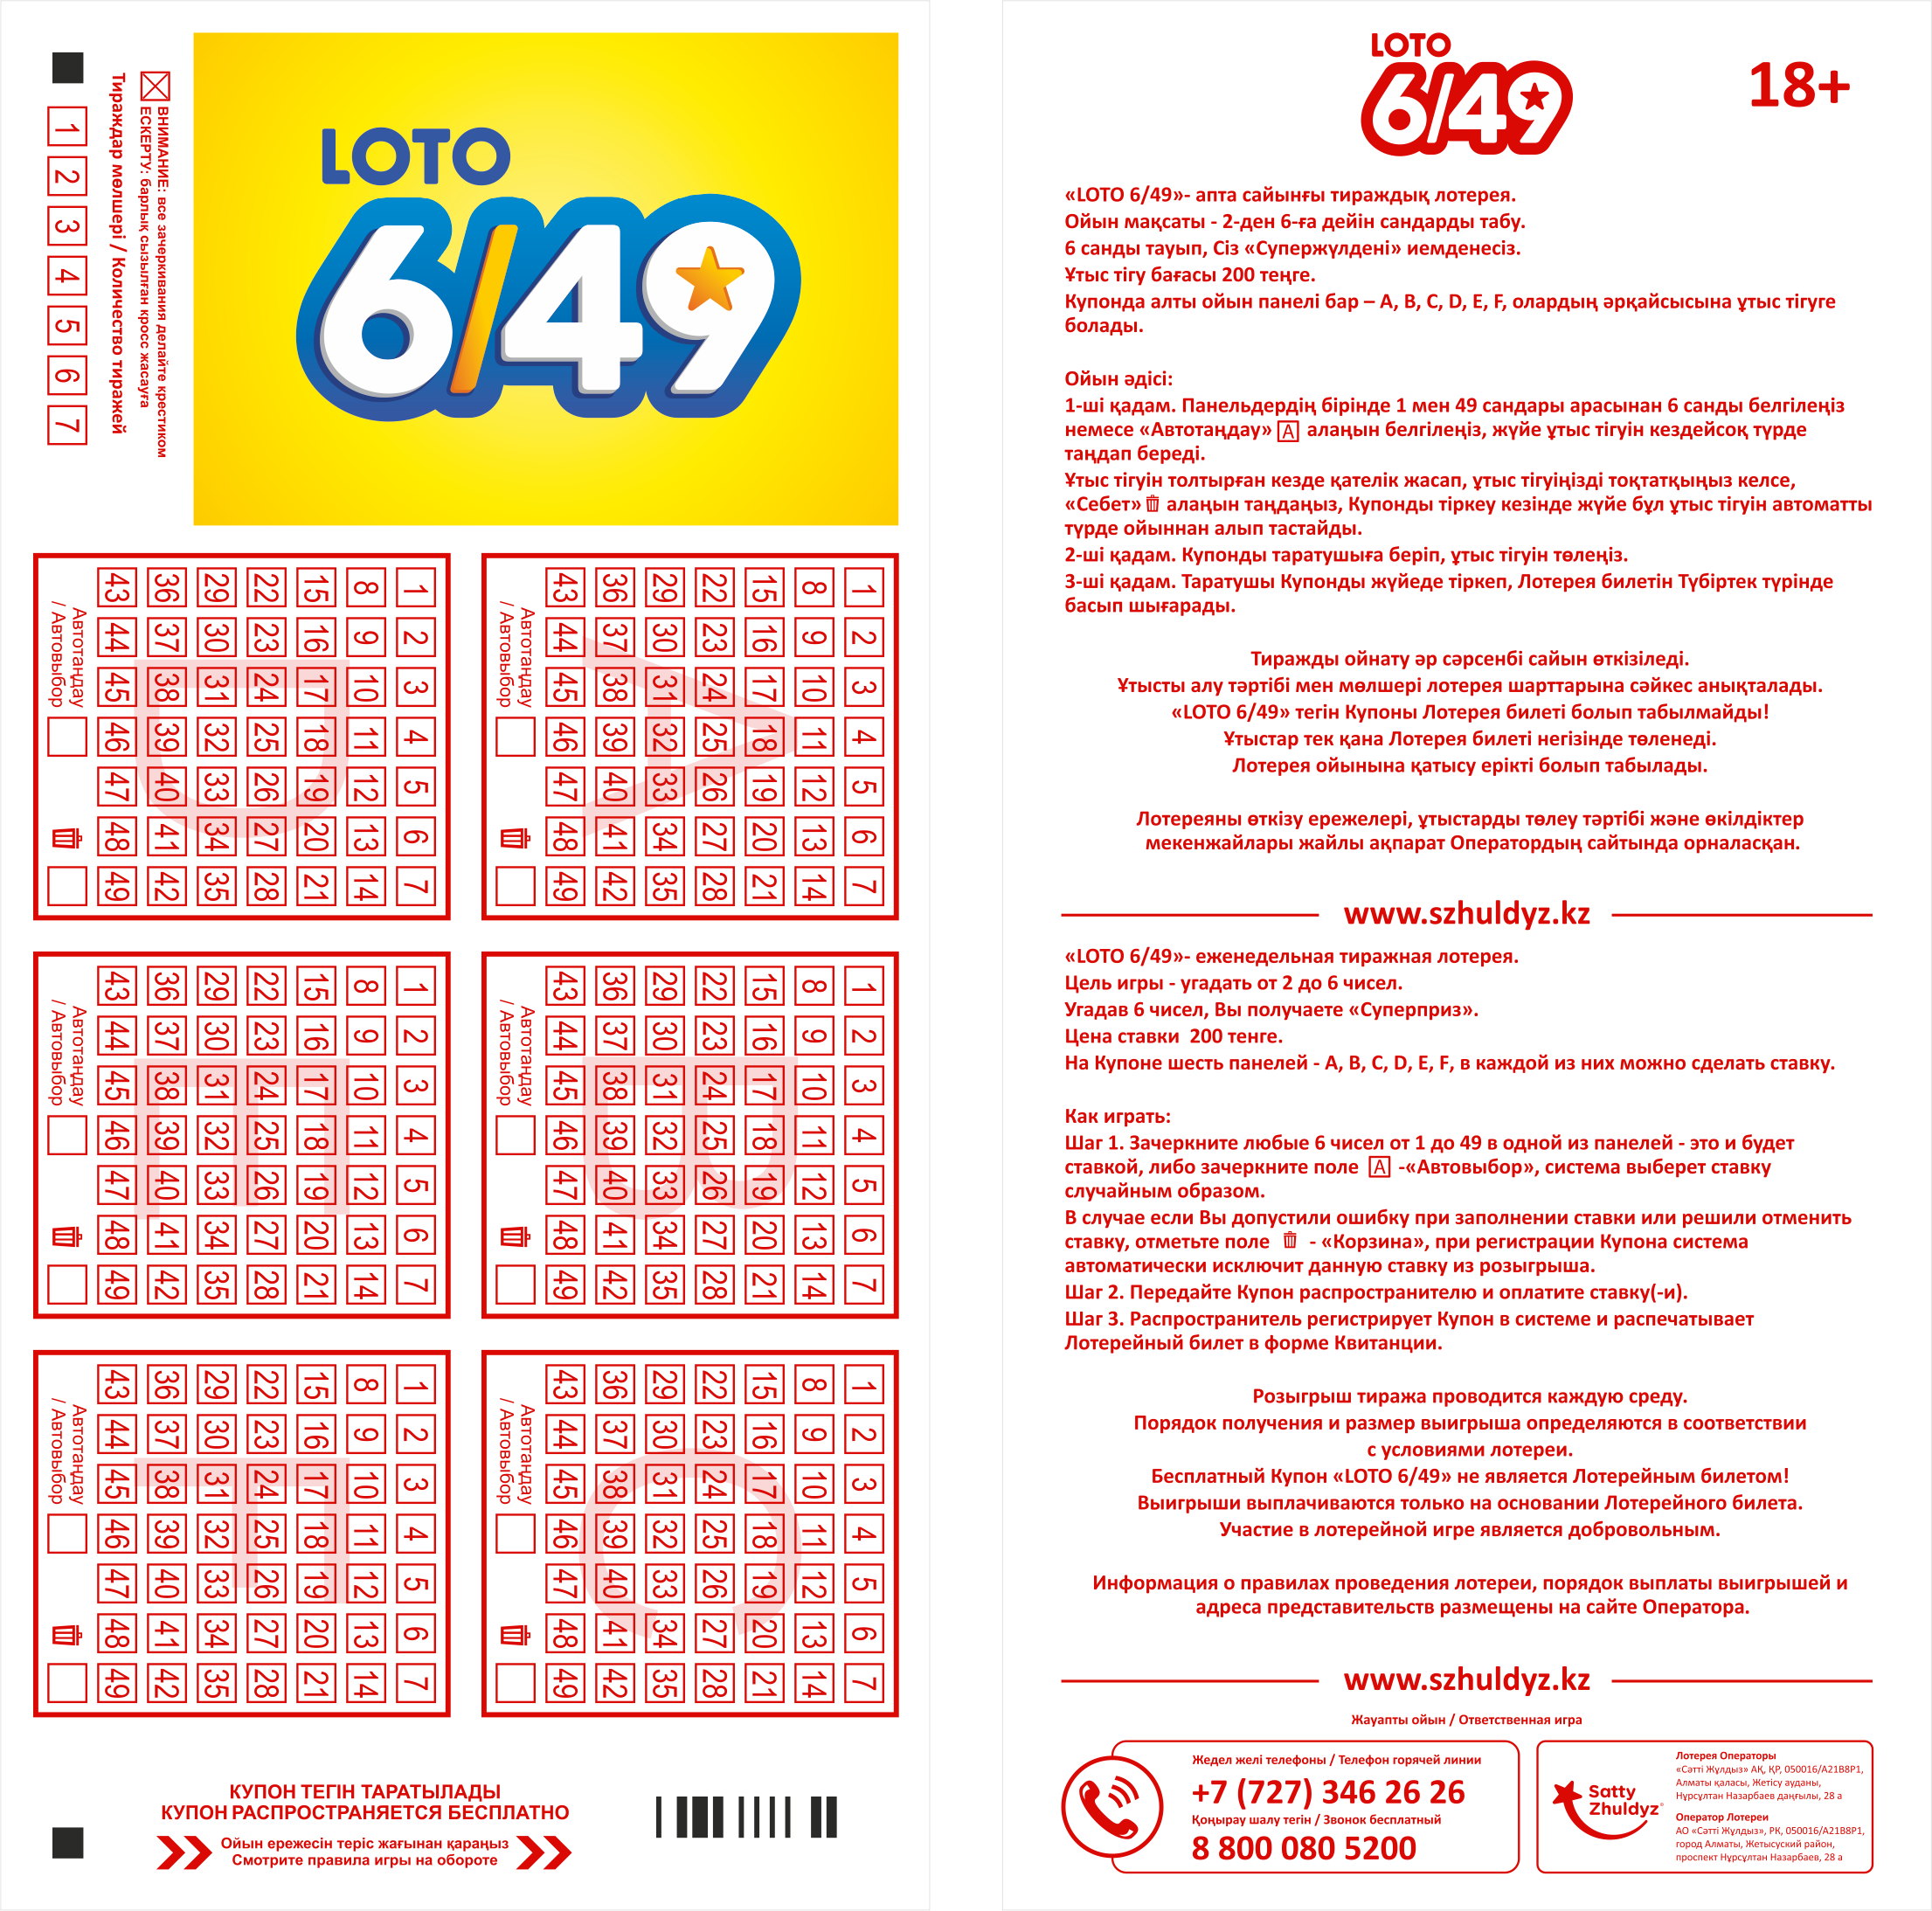 Telebingo Lotterie, Kasachstan - Timelottery